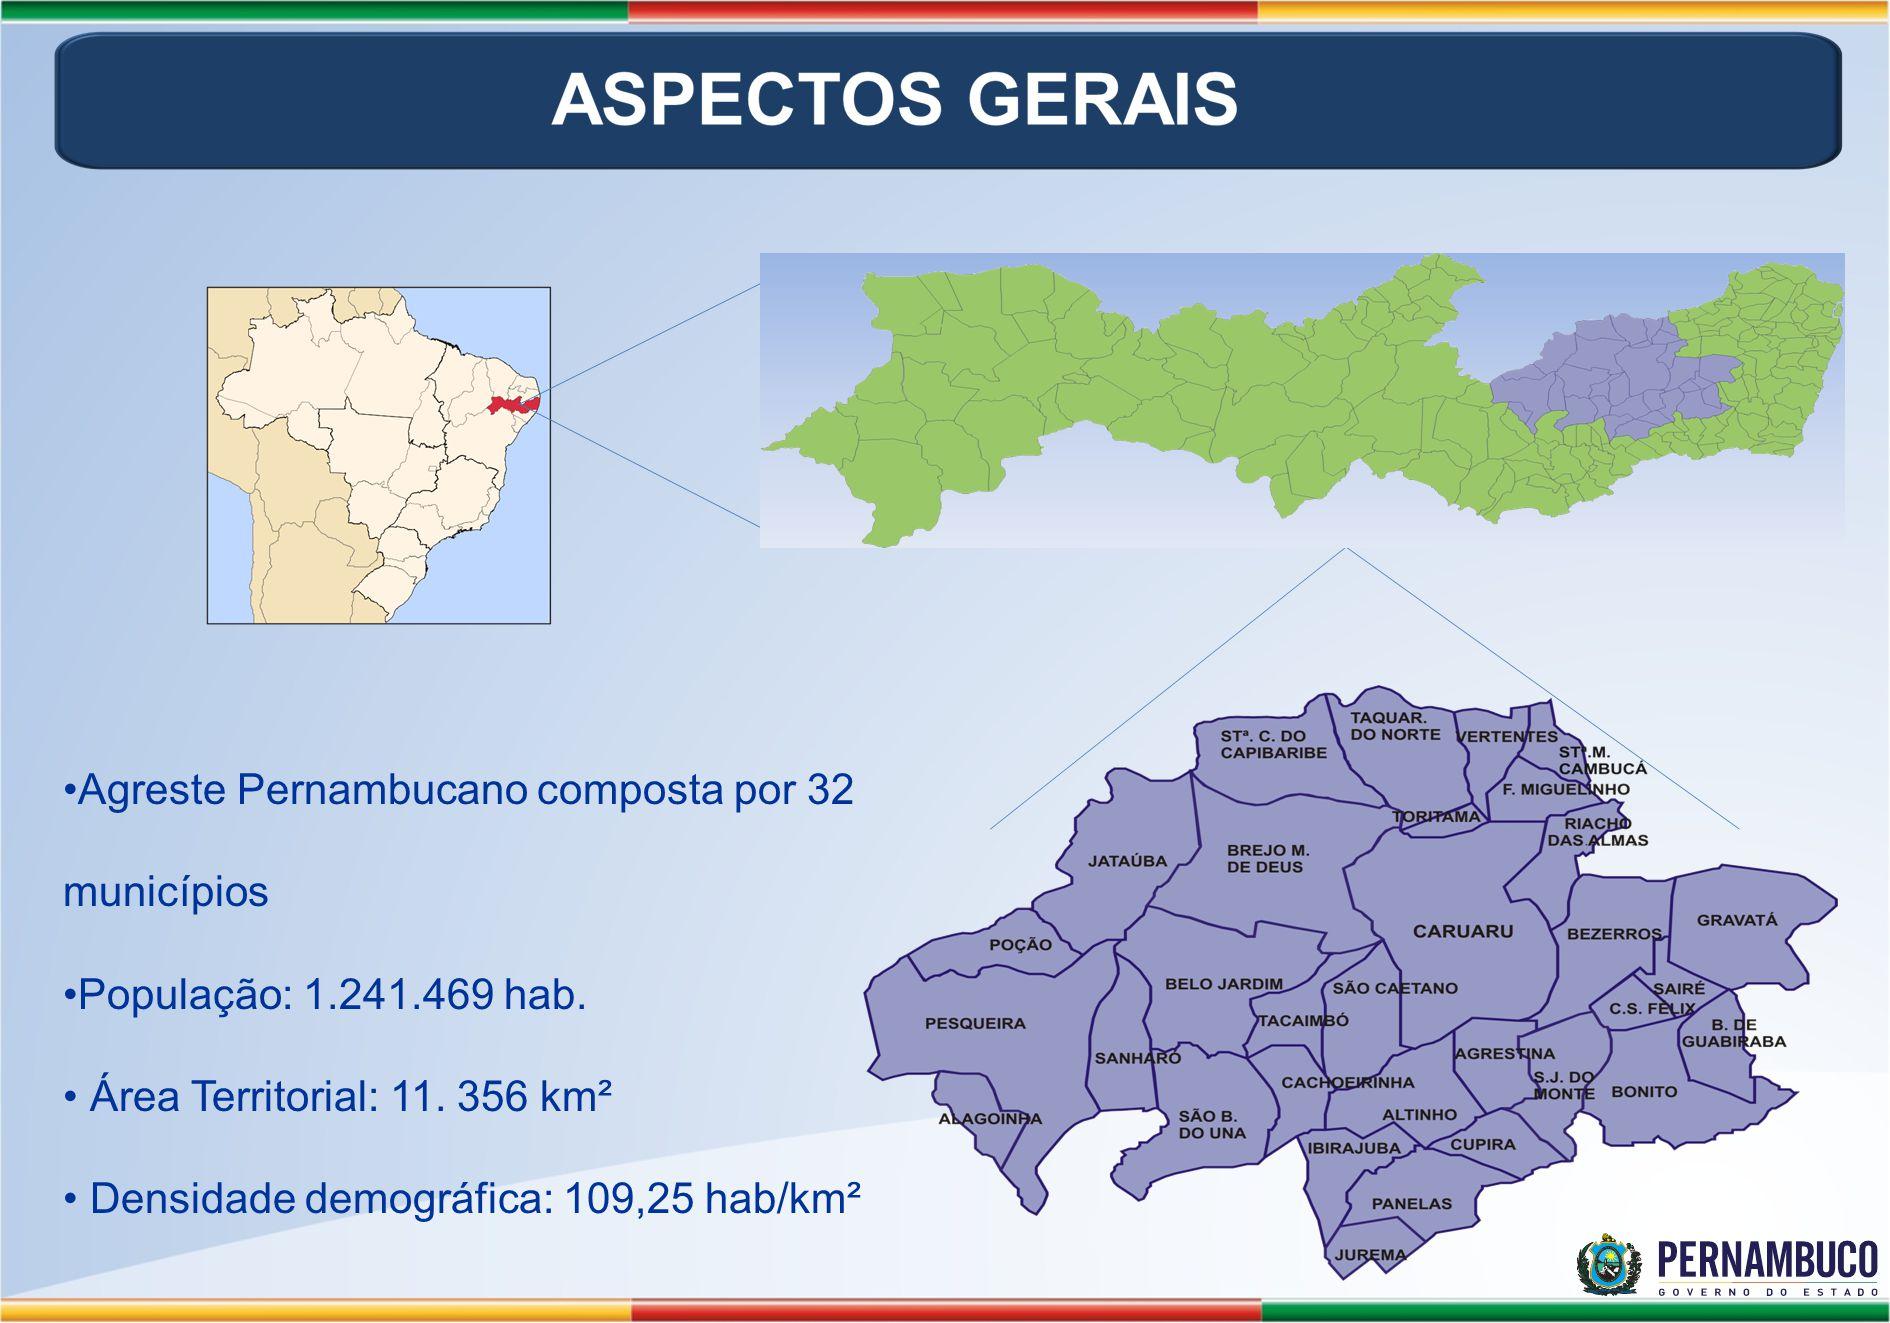 Agreste Pernambucano composta por 32 municípios População: 1.241.469 hab. Área Territorial: 11. 356 km² Densidade demográfica: 109,25 hab/km²